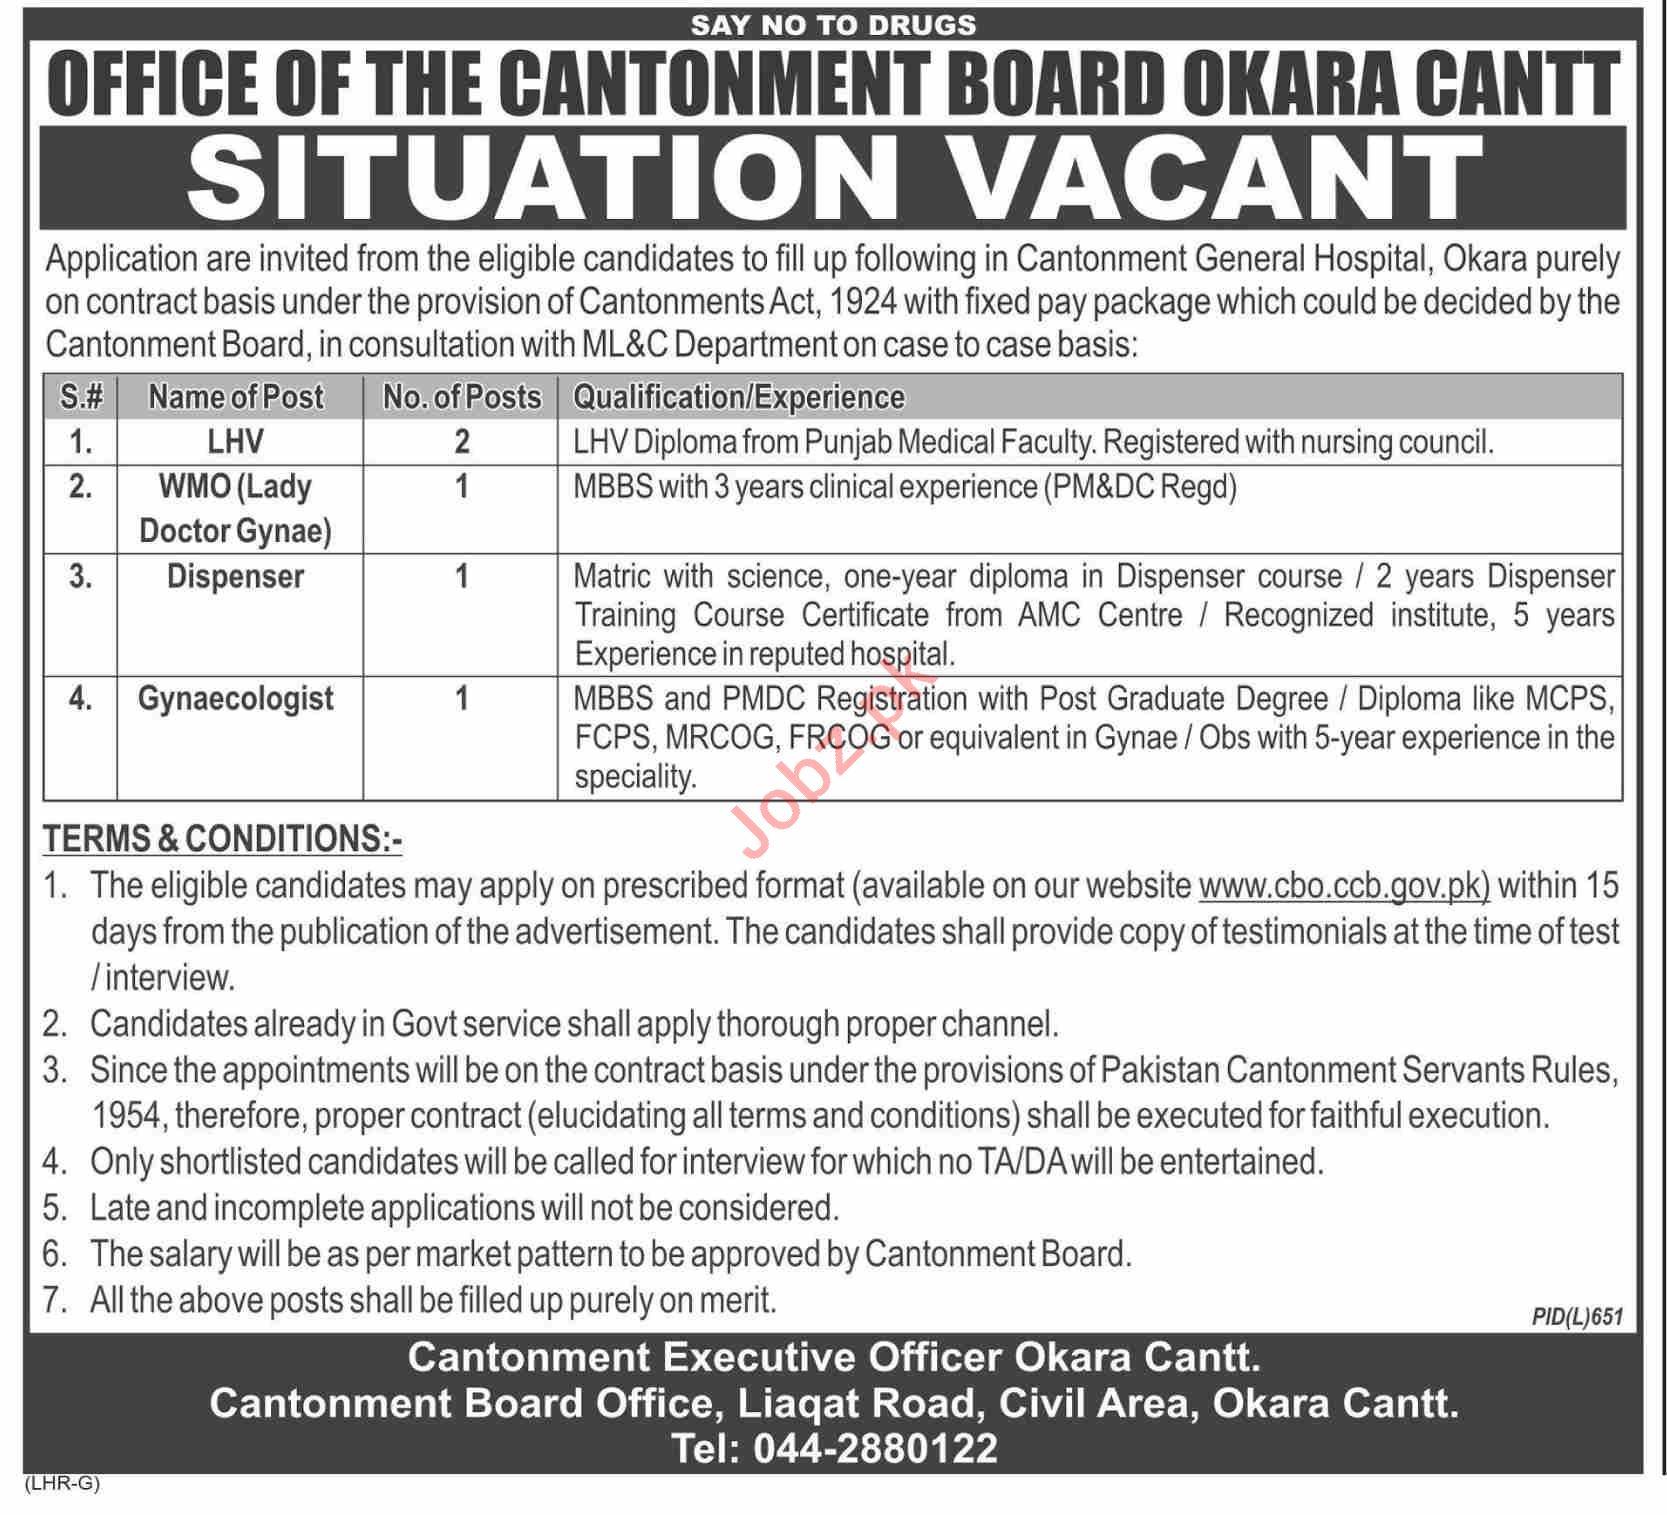 Cantonment Board General Hospital Okara Cantt Jobs 2019 Job